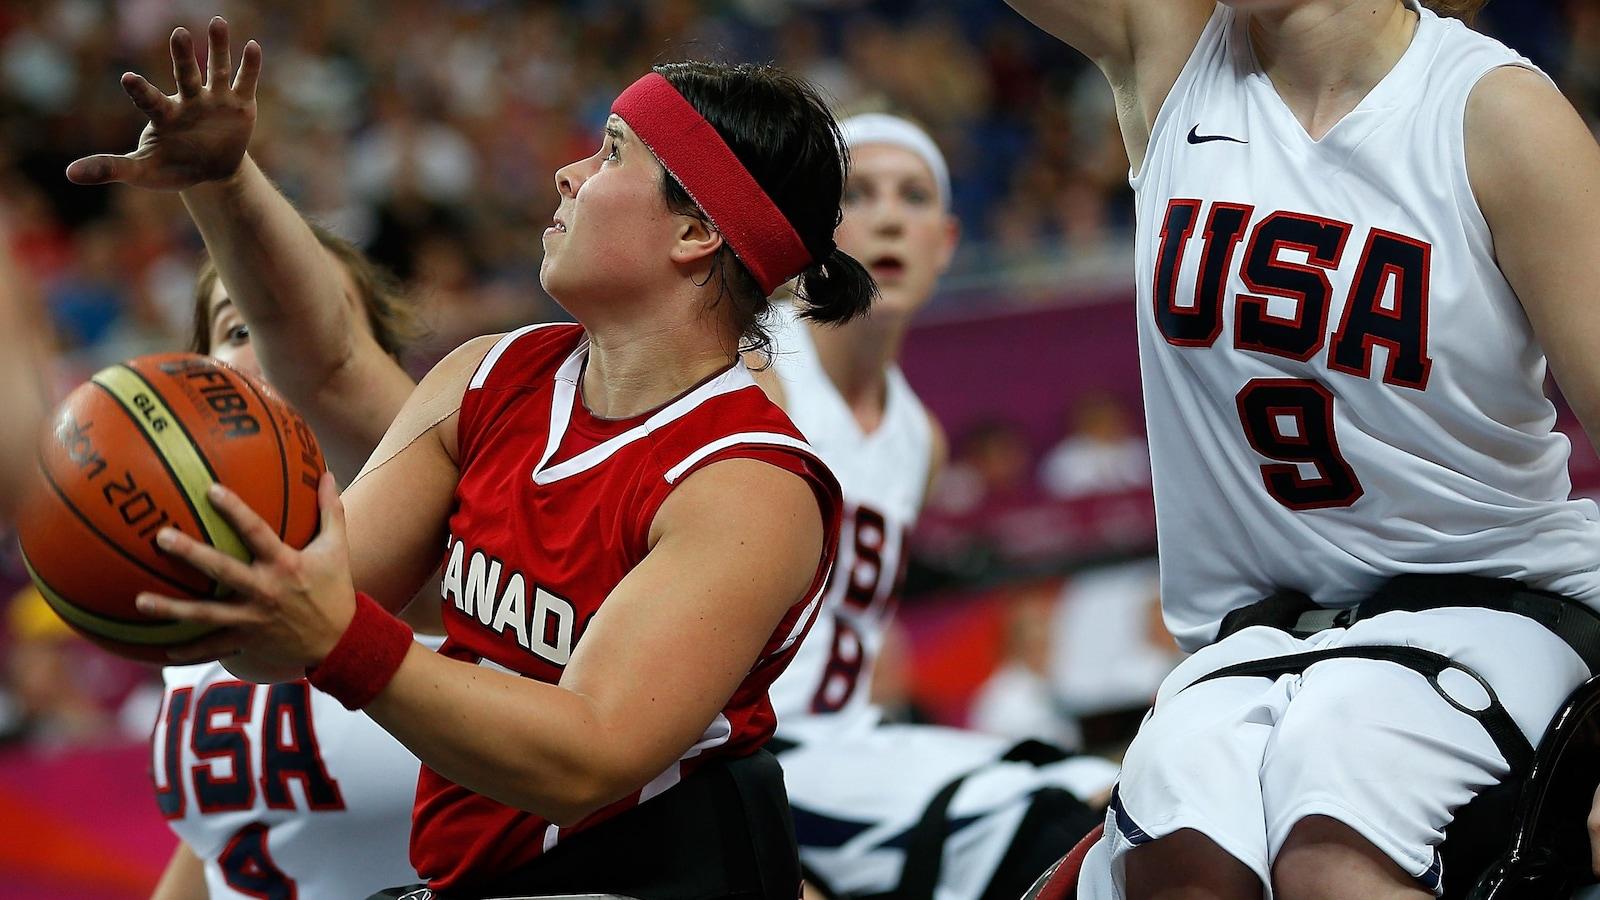 Cindy Ouellet, entourée de joueuses américaines, tente d'inscrire un panier.